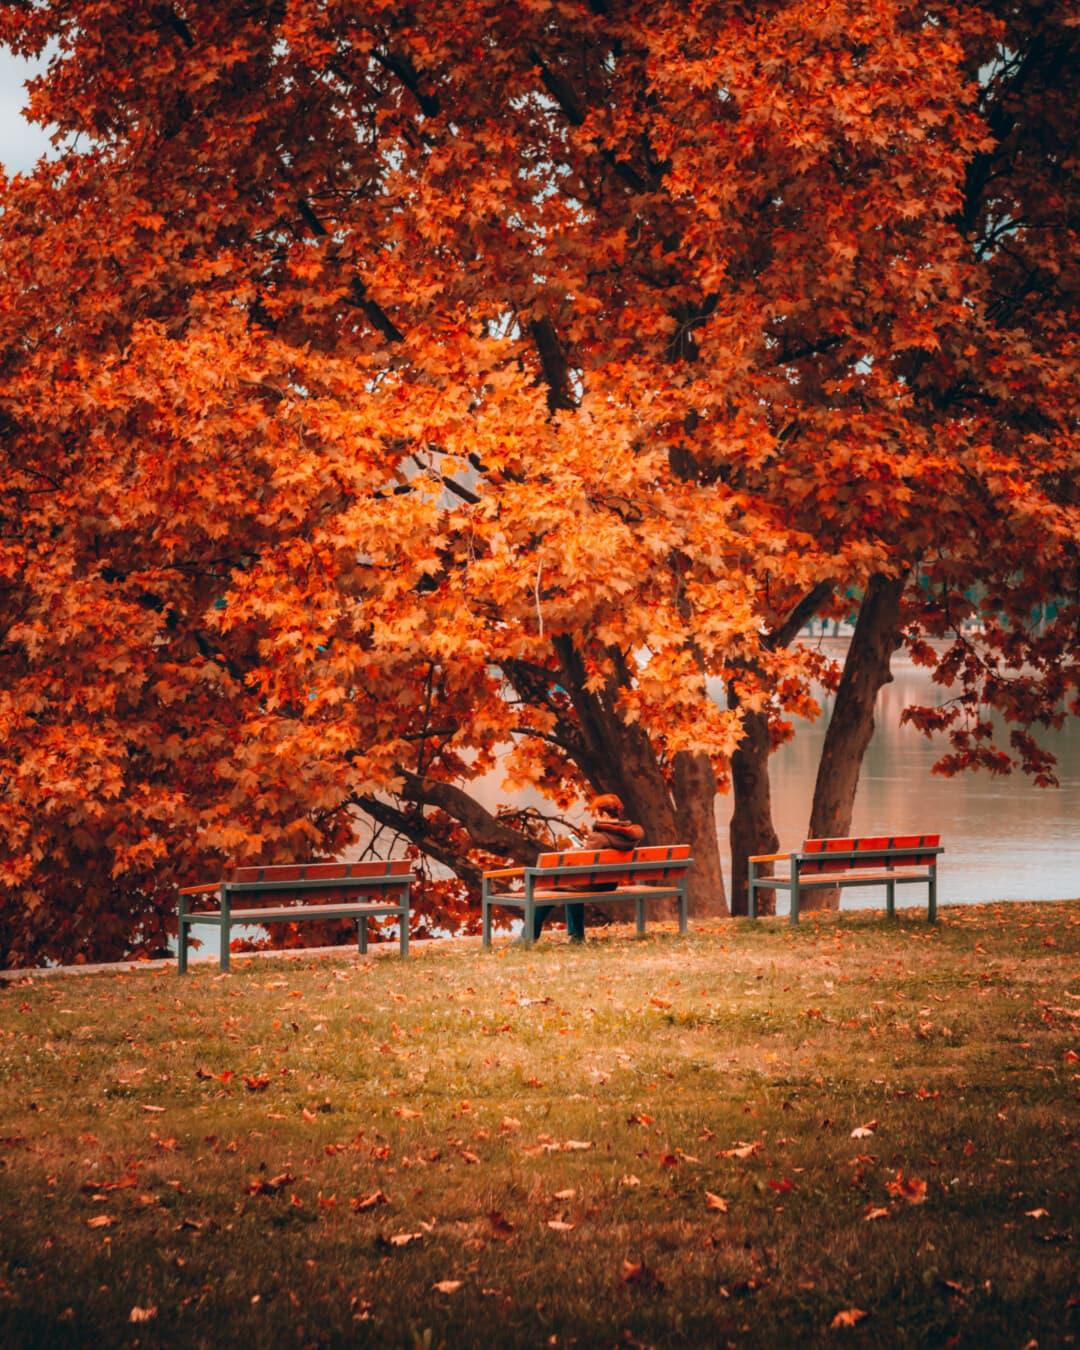 automne, parc, berge, pelouse, arbres, banc, assis, personne, érable, meubles